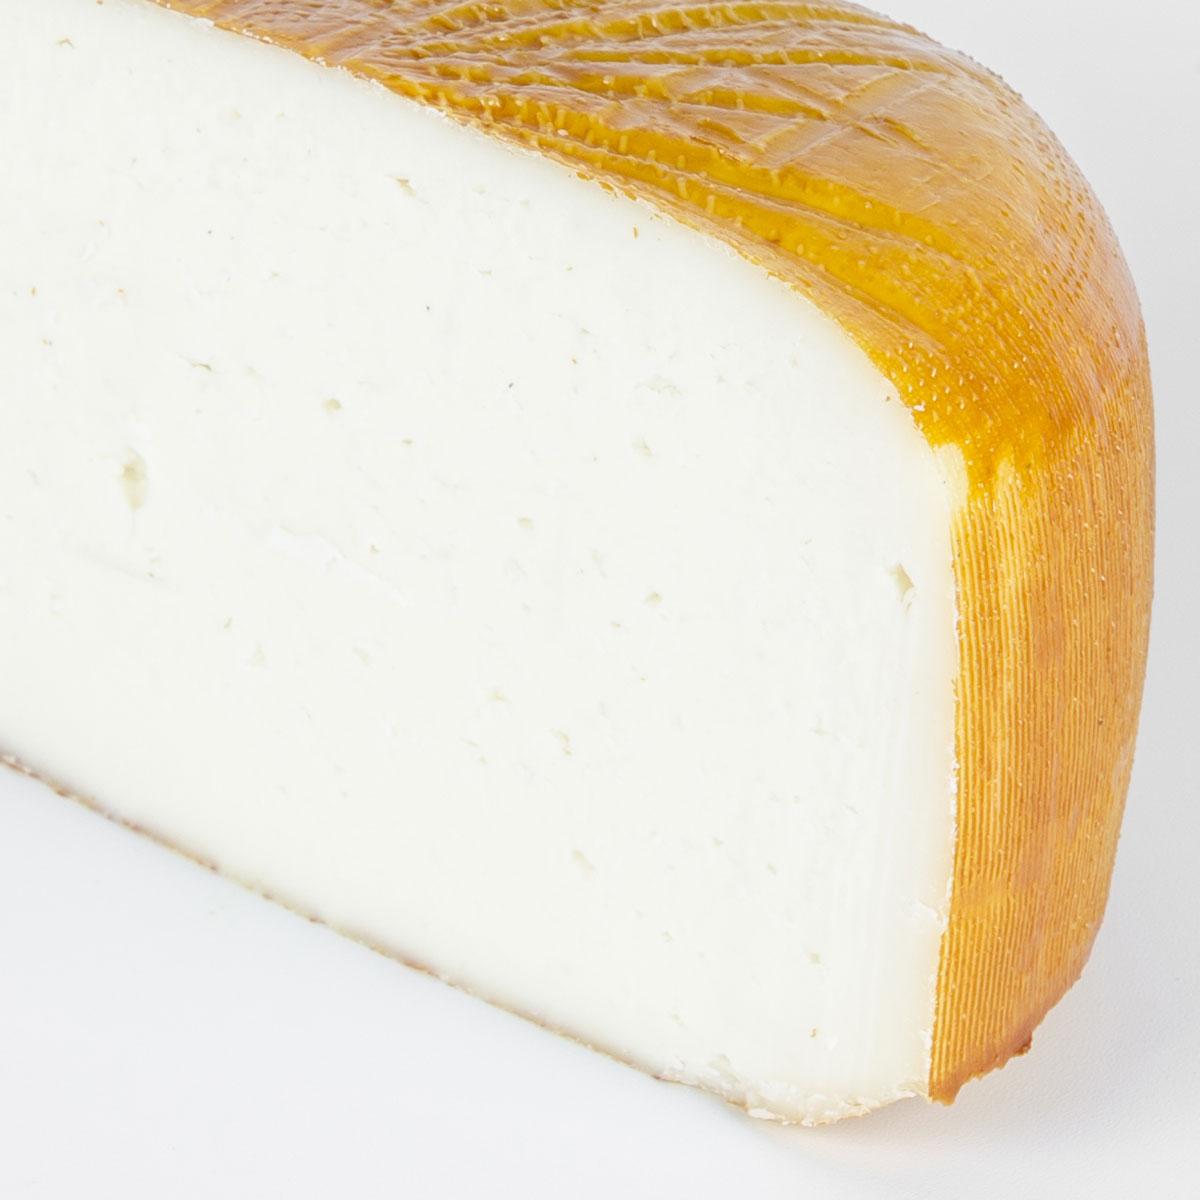 quesos el pastor - delicias de cabra semicurado 3Kg